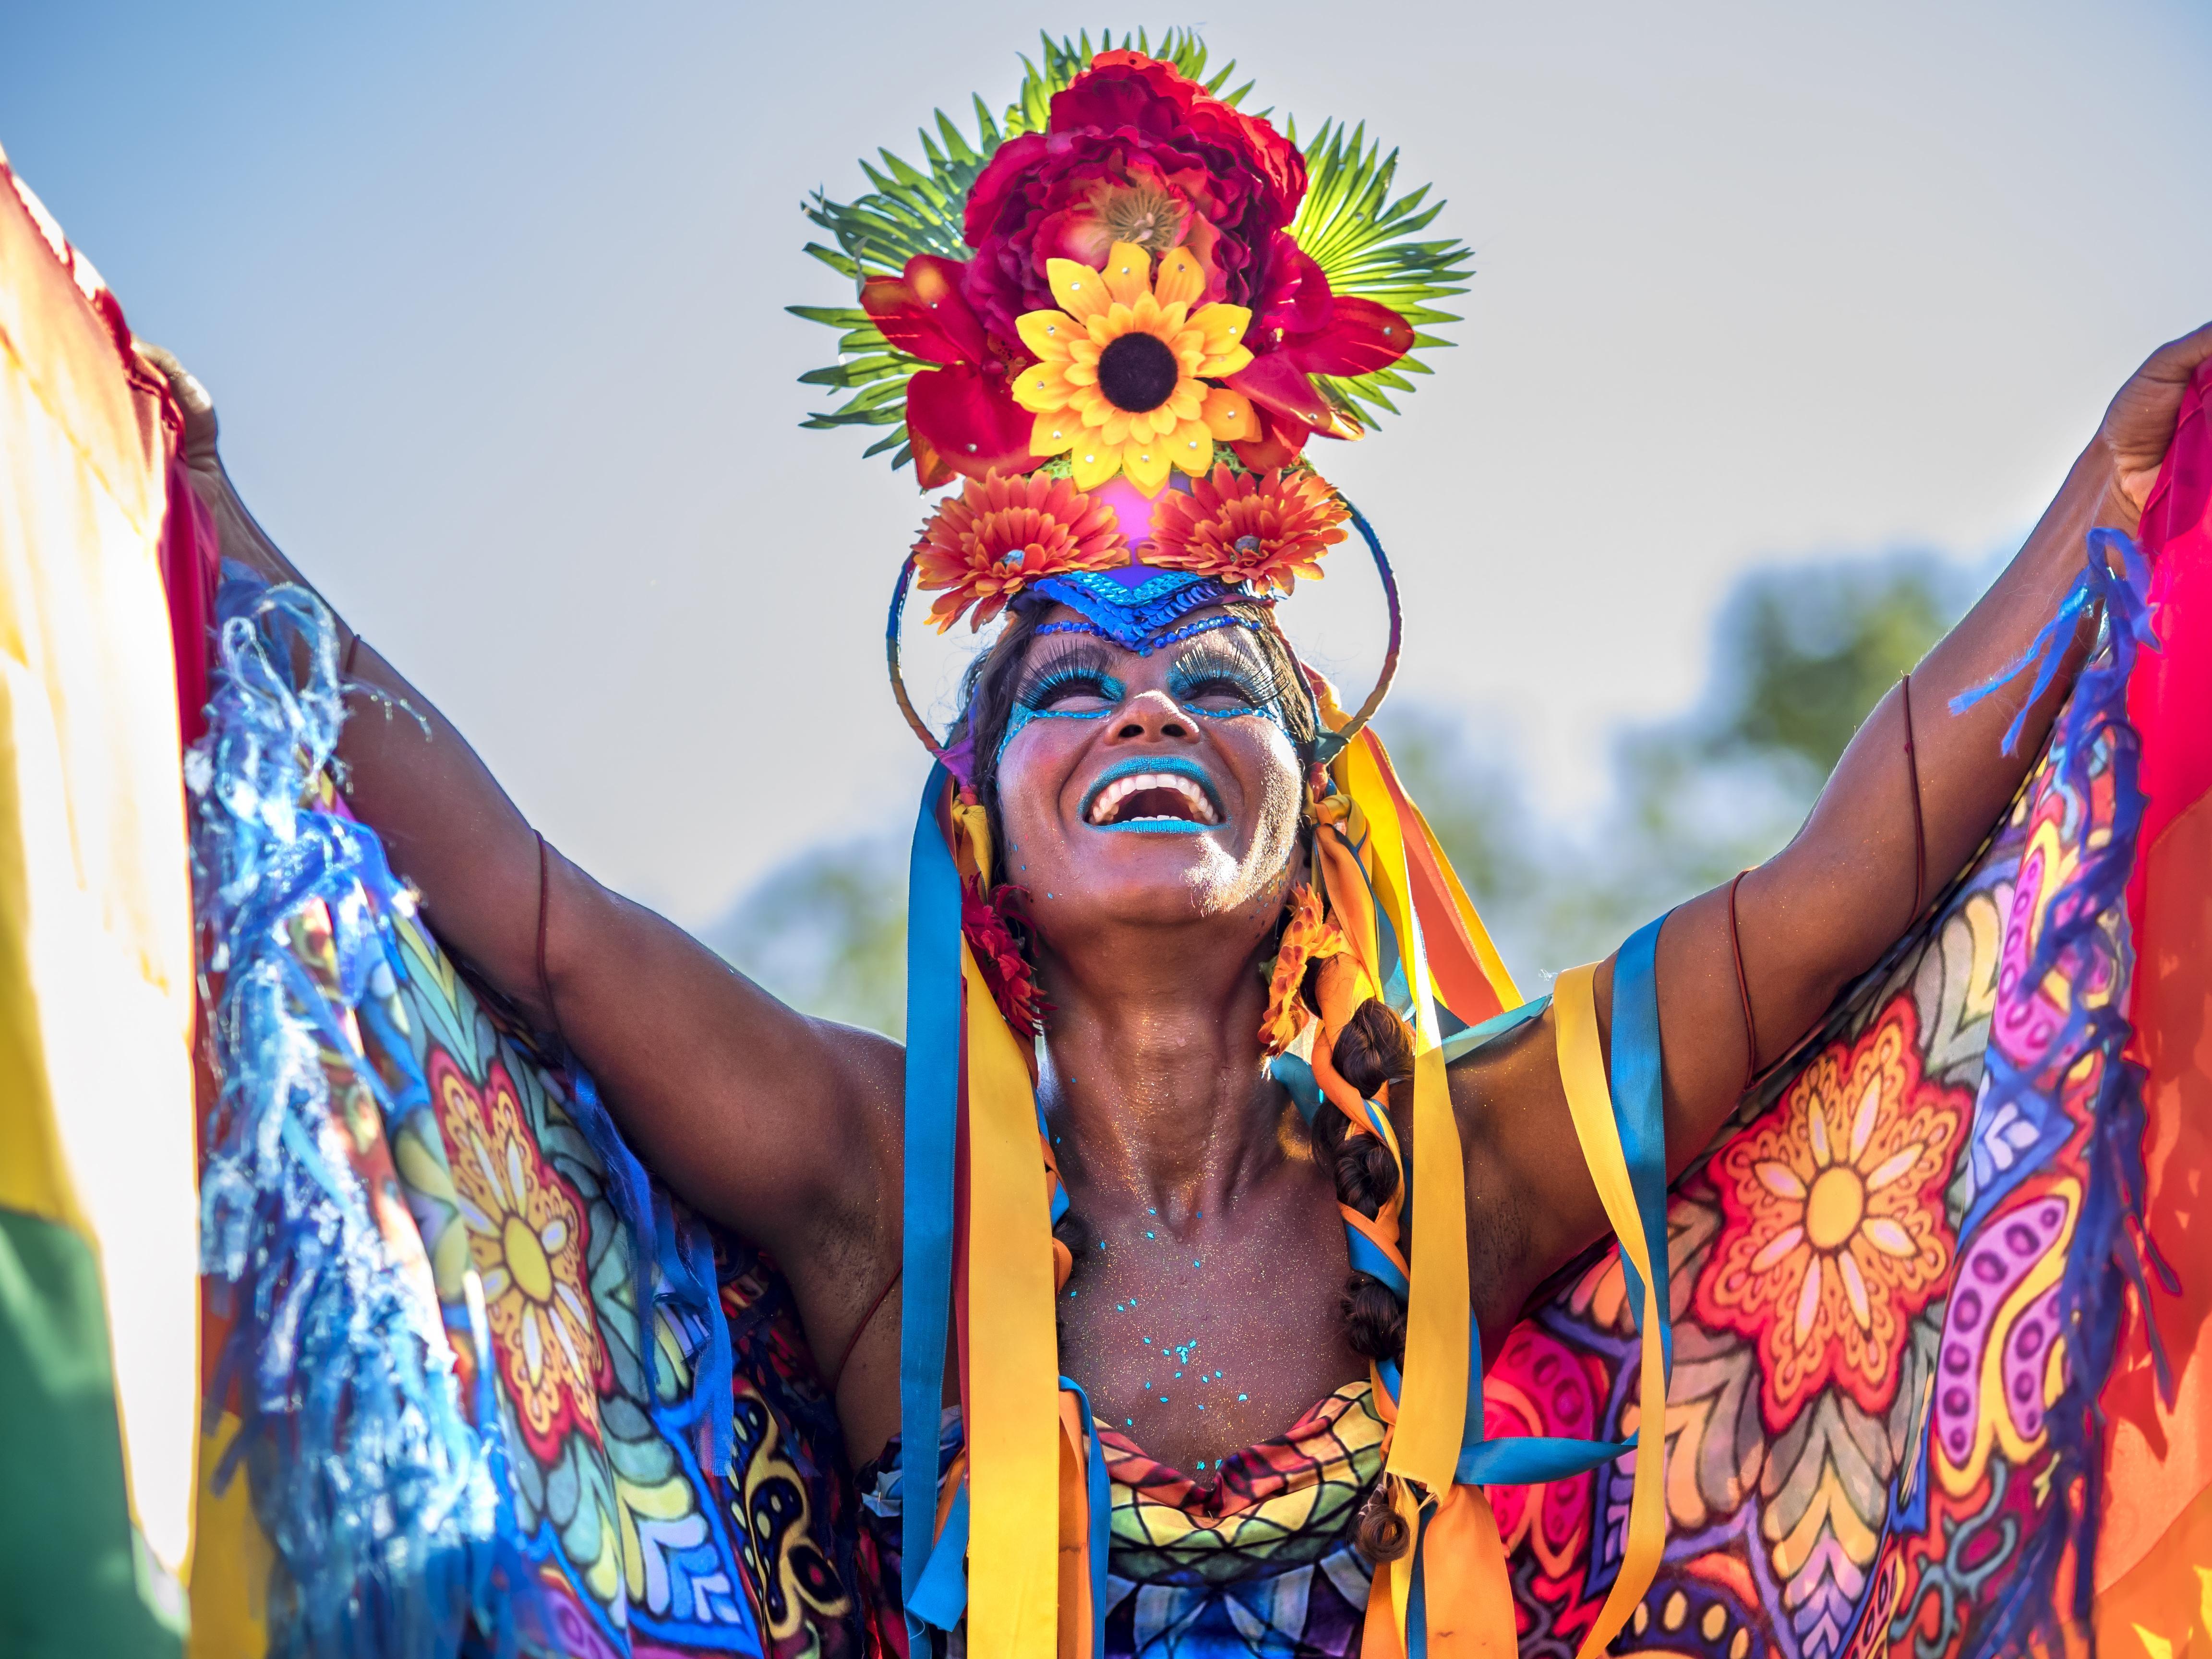 Partir assister au Carnaval de Rio de Janeiro